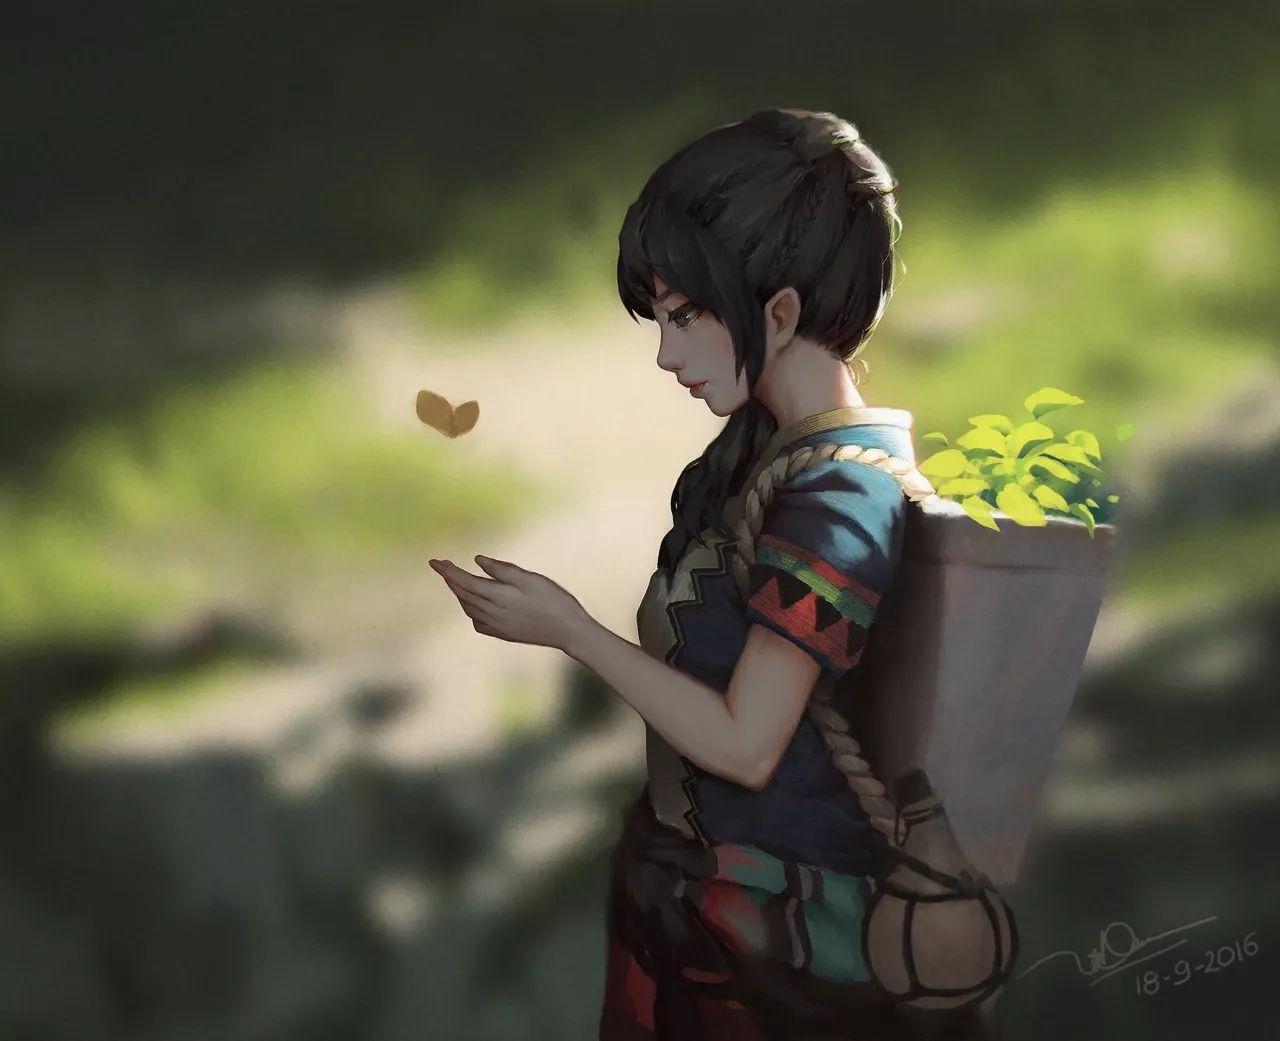 画风唯美,绘画内容很温情,让人一眼就记住的风格